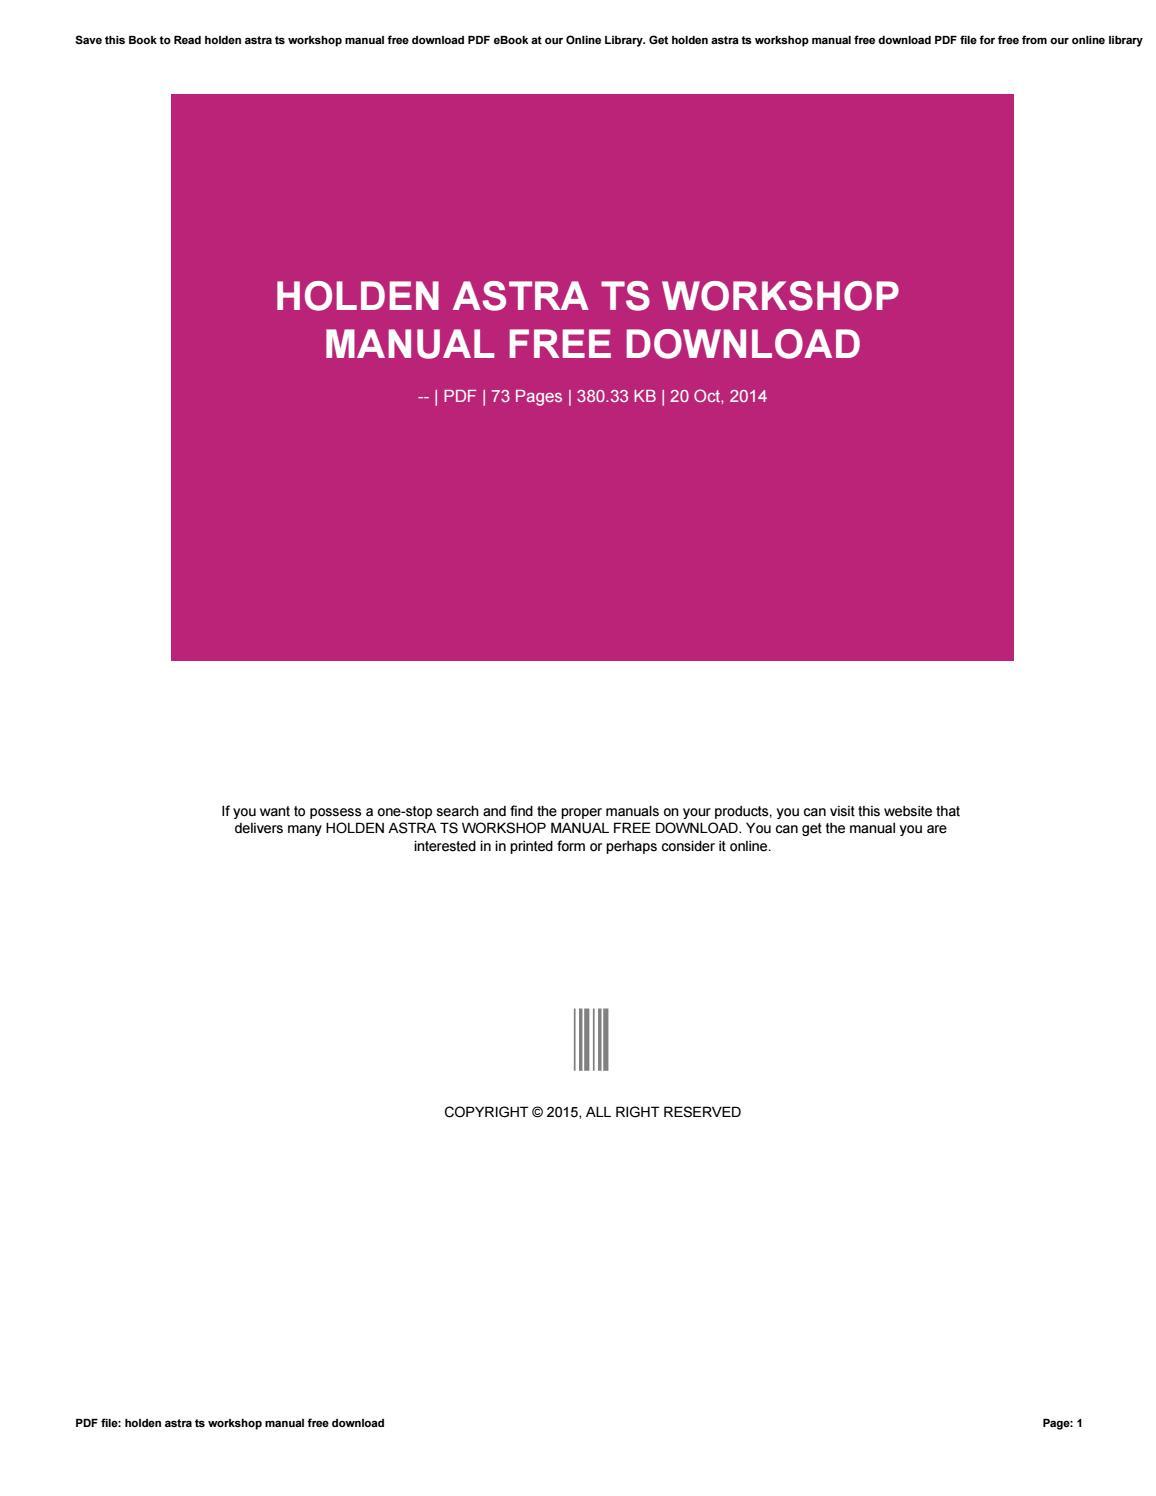 Vauxhall zafira service manual pdf.